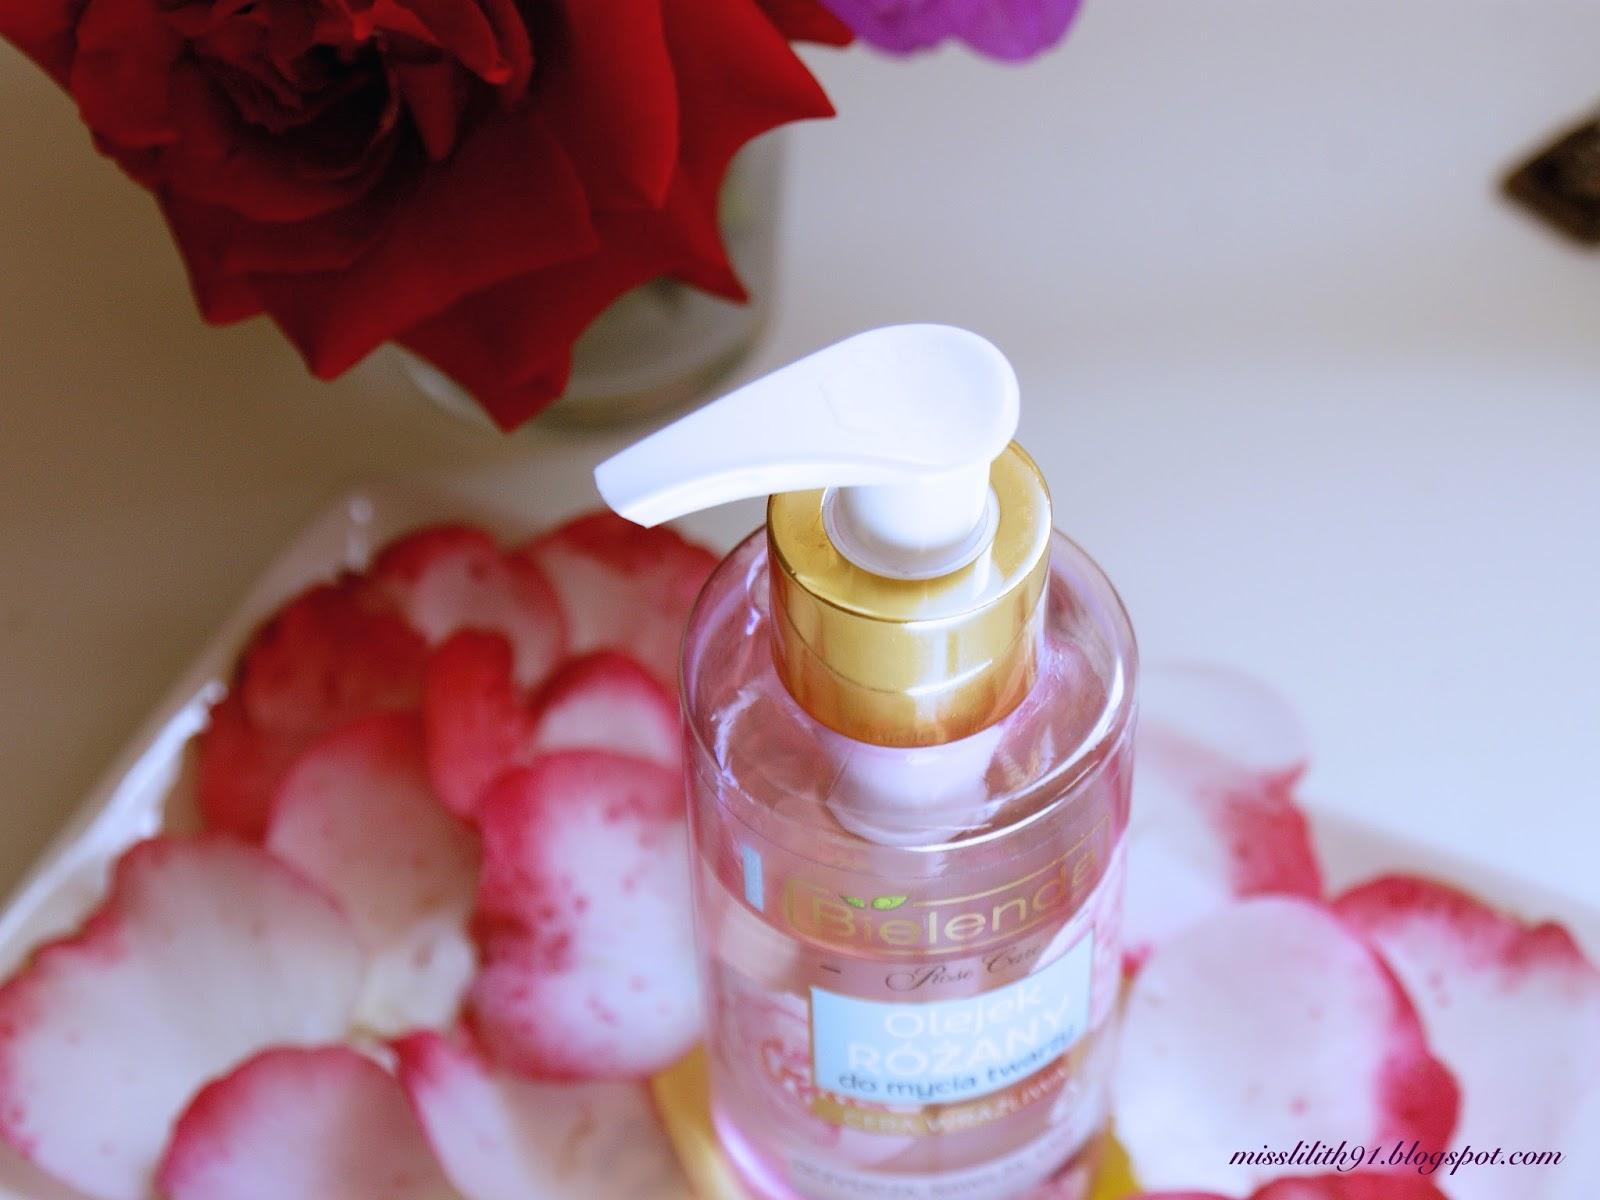 Różany olejek do mycia twarzy Bielenda